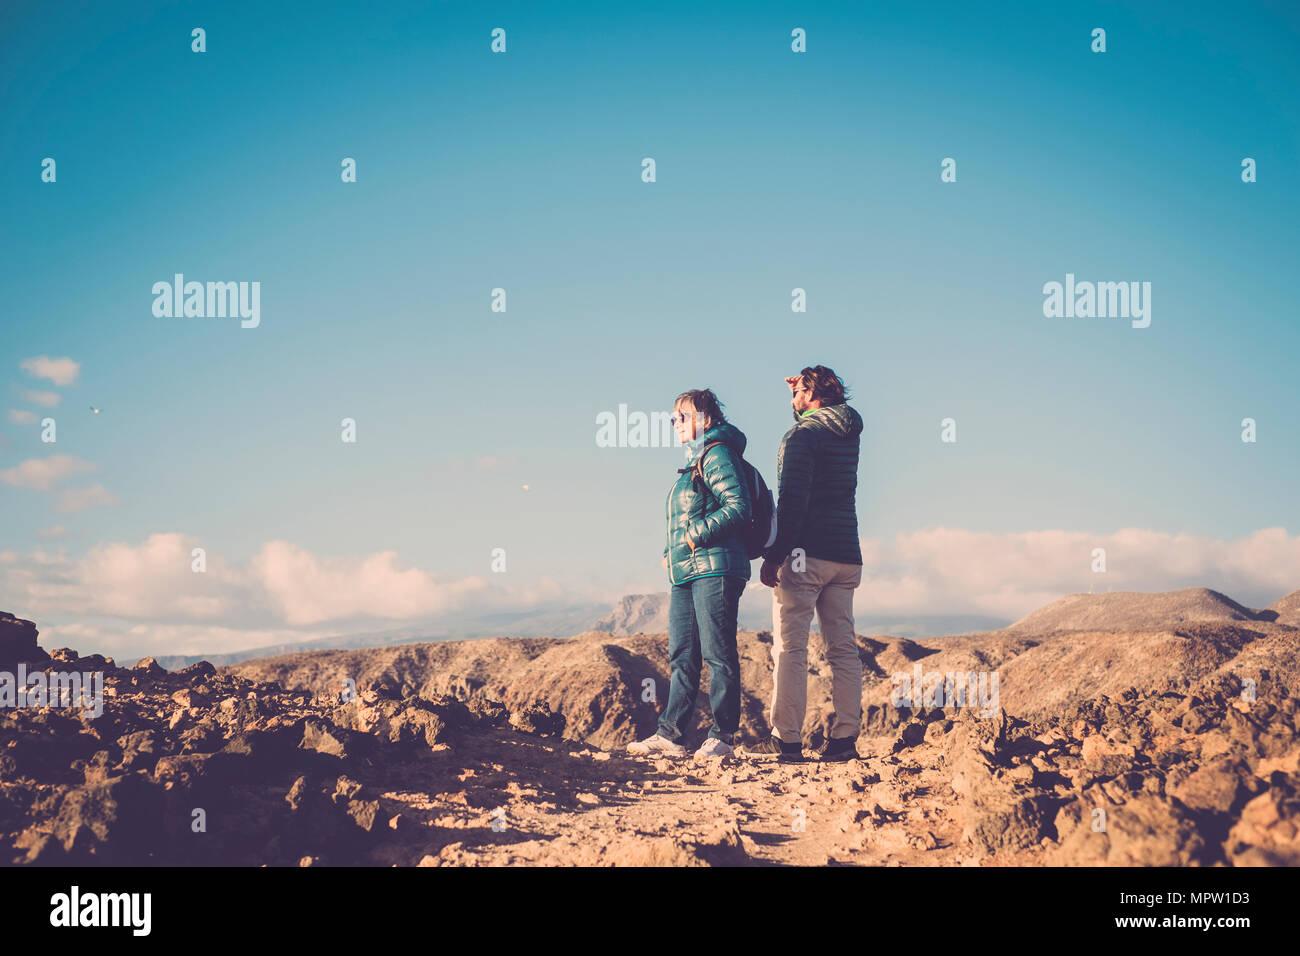 La haute mère et fils de 45 ans passer du temps ensemble pour marcher sur un chemin isolé Photo Stock